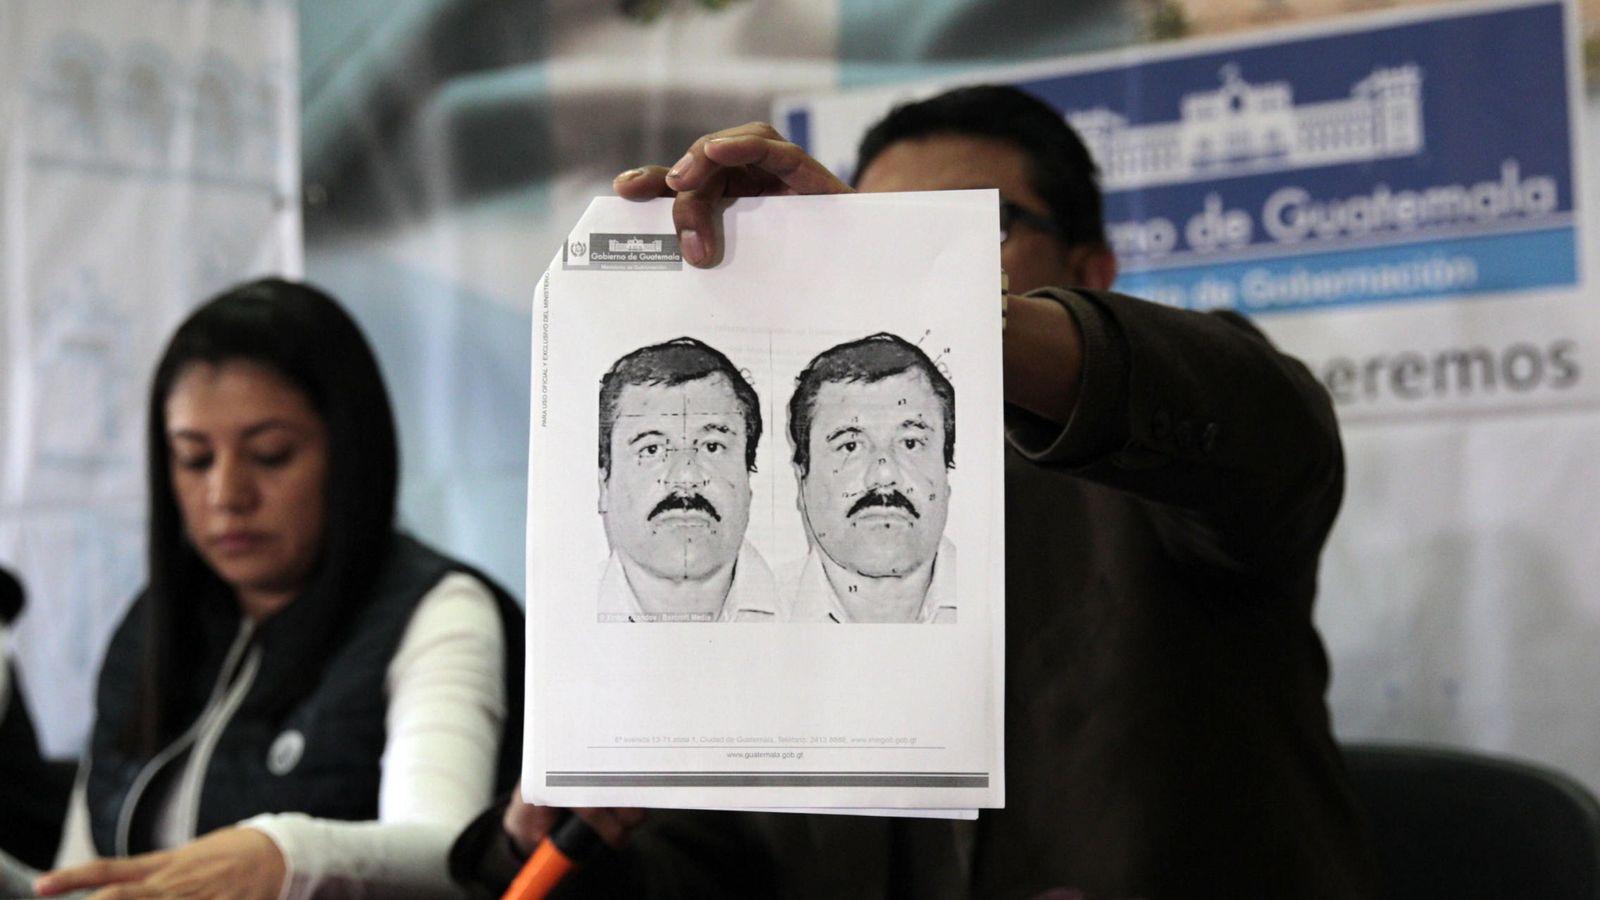 Foto: Detalle del retrato del narcotraficante Joaquín 'El Chapo' Guzmán mostrado durante una rueda de prensa en Guatemala (EFE)